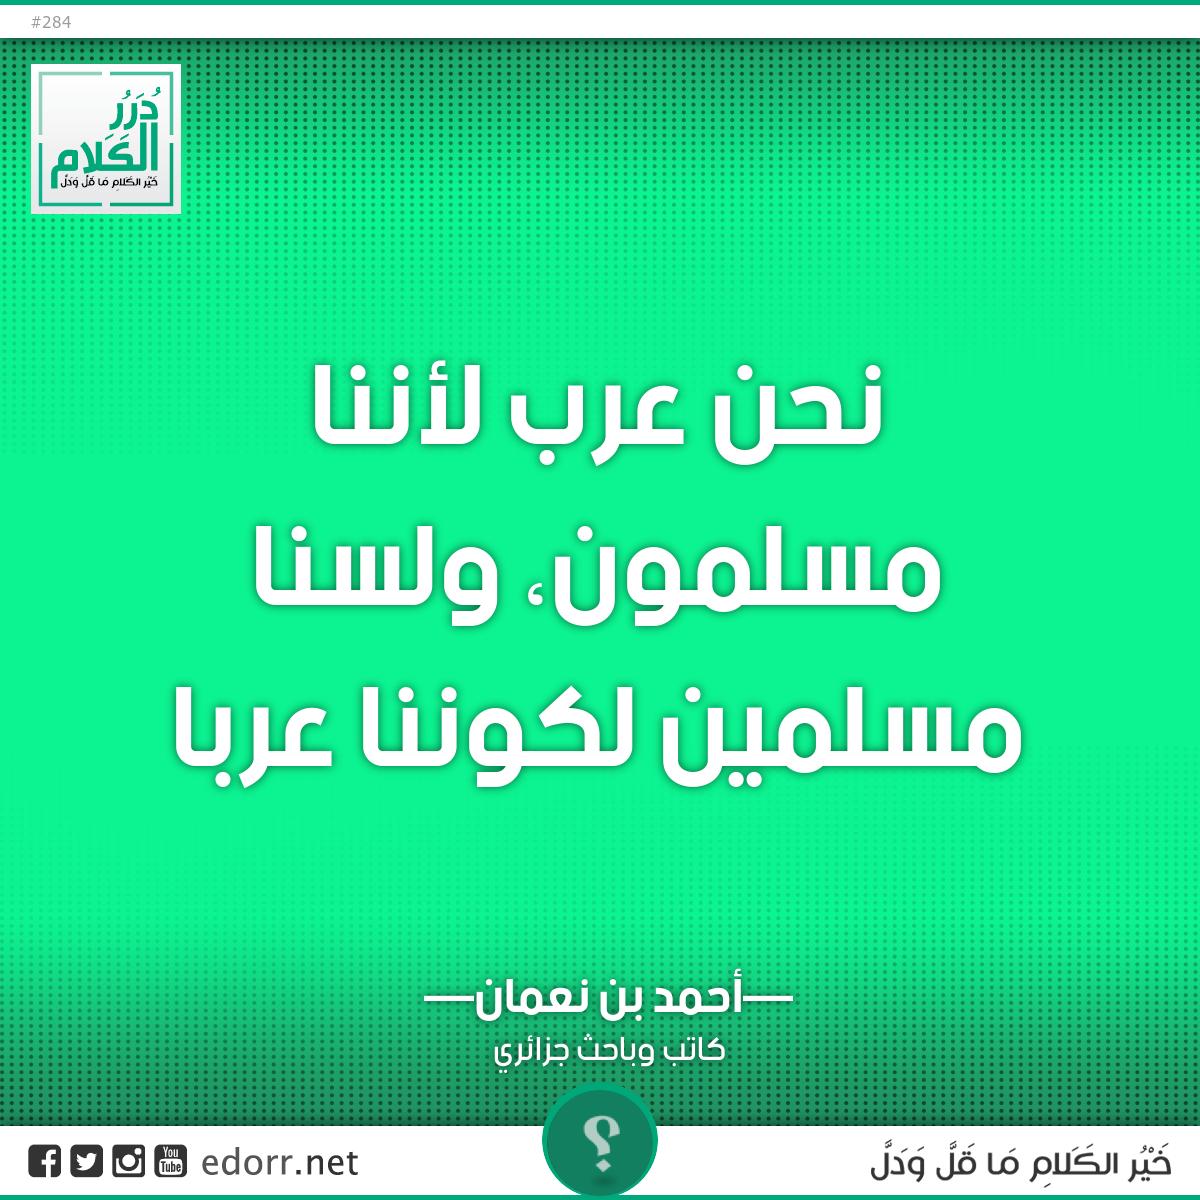 نحن عرب لأننا مسلمون، ولسنا مسلمين لكوننا عربا.